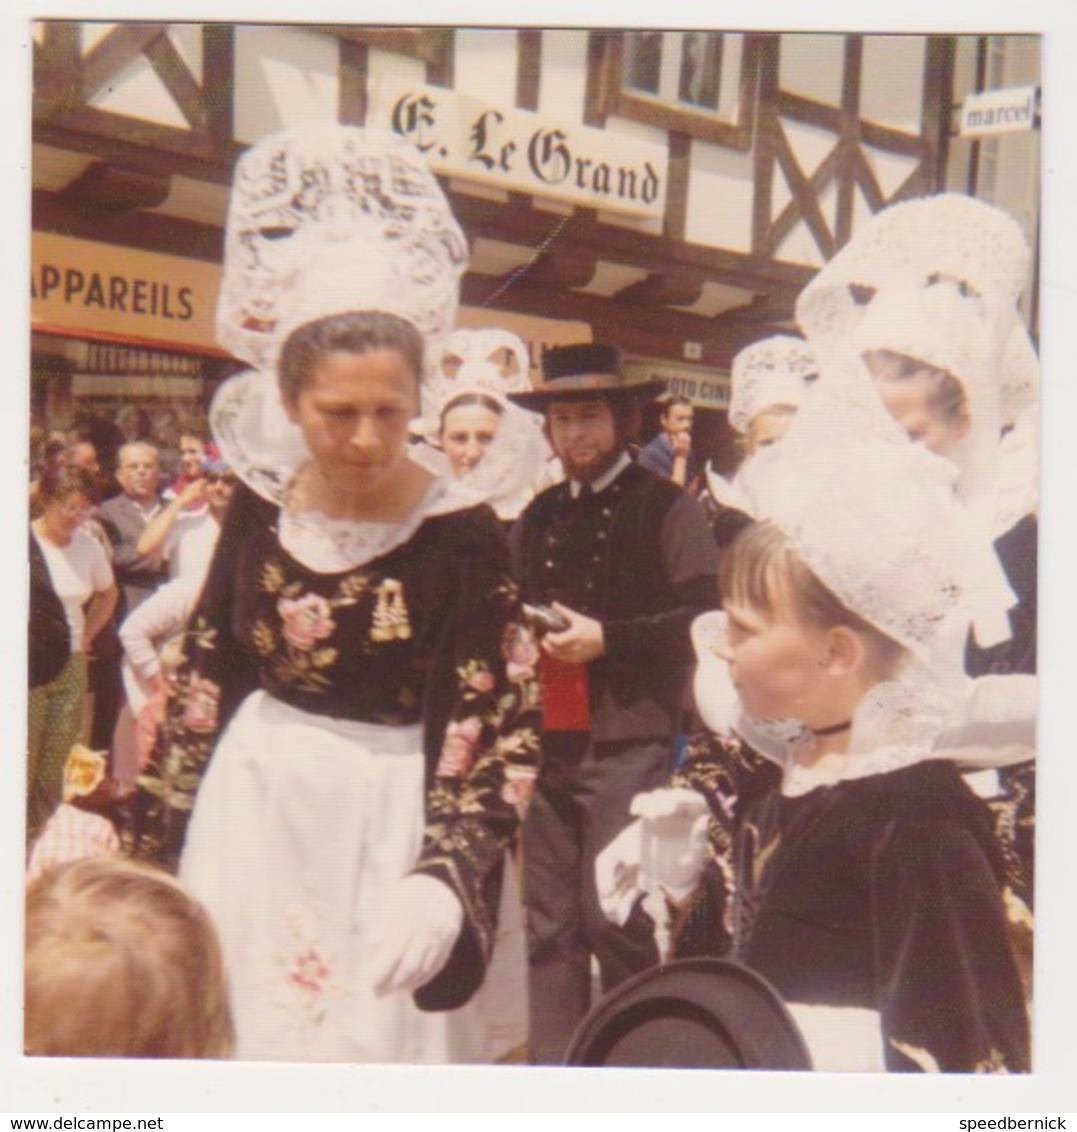 26892 Trois Photo QUIMPER Bretagne France -fetes Cornouailles 1973 -costume Breton Biniou Défilé - Lieux